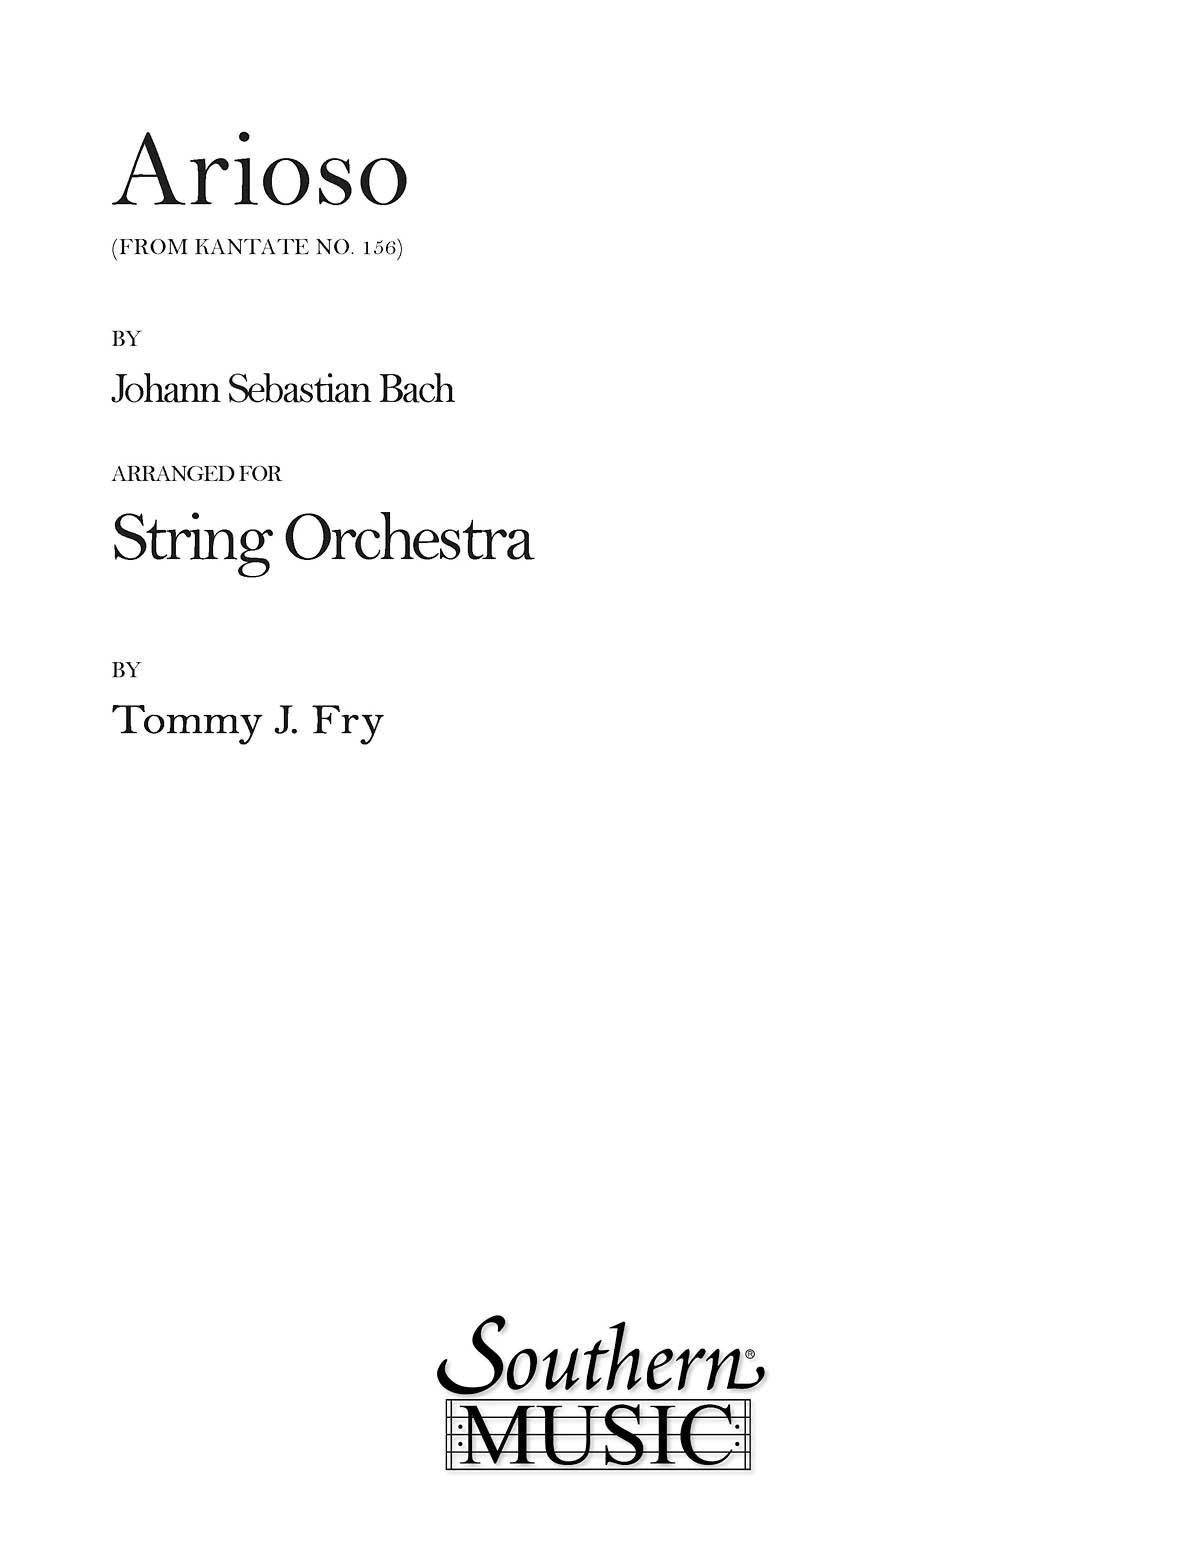 Johann Sebastian Bach: Arioso: String Orchestra: Score